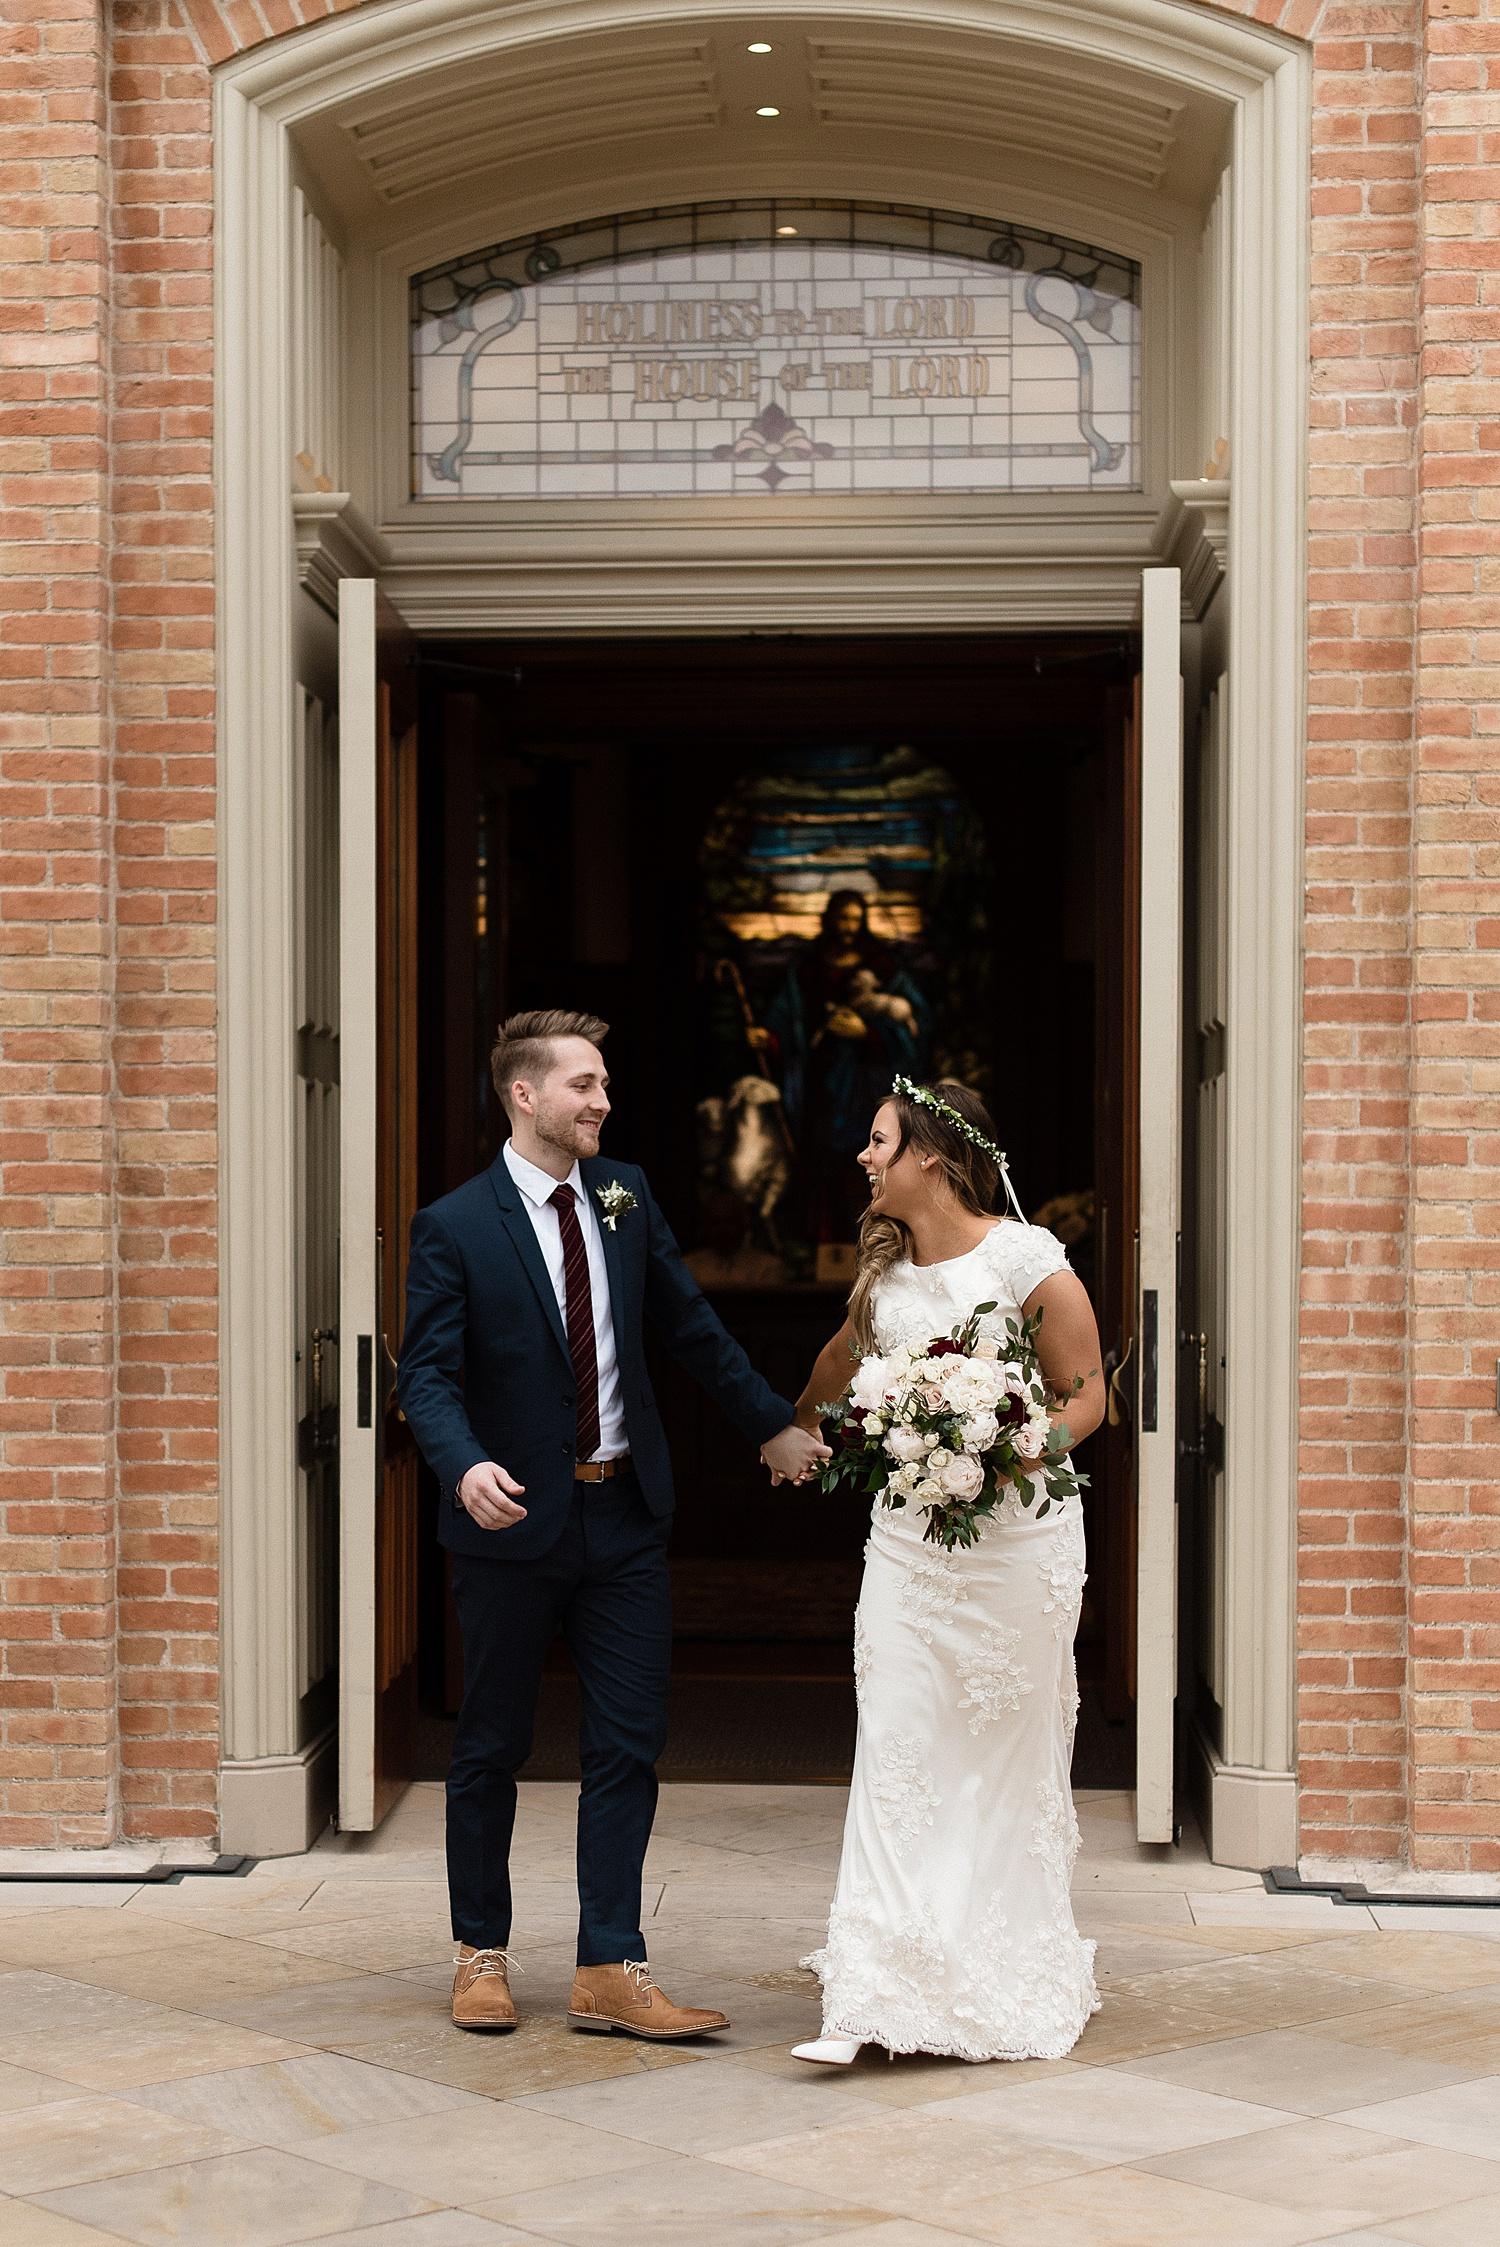 Zandra Barriga Photo - Dallas and Megan Wedding_0003.jpg